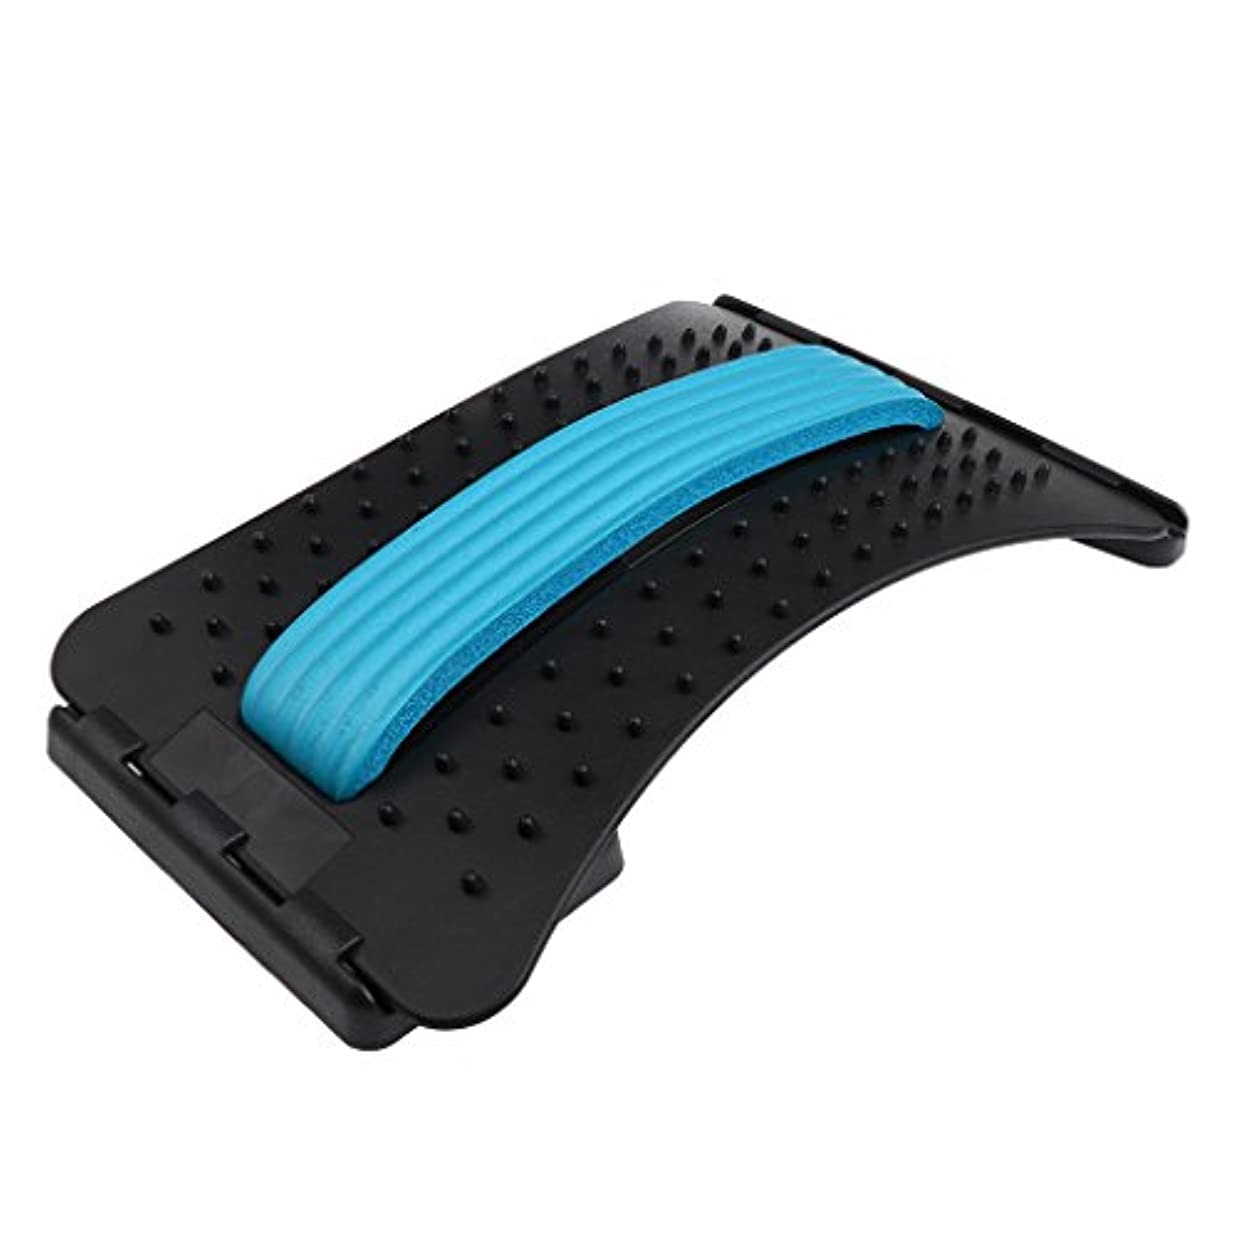 ずらす論理的に直接バックストレッチャー マッサージャー サポート 3色選べる - 青